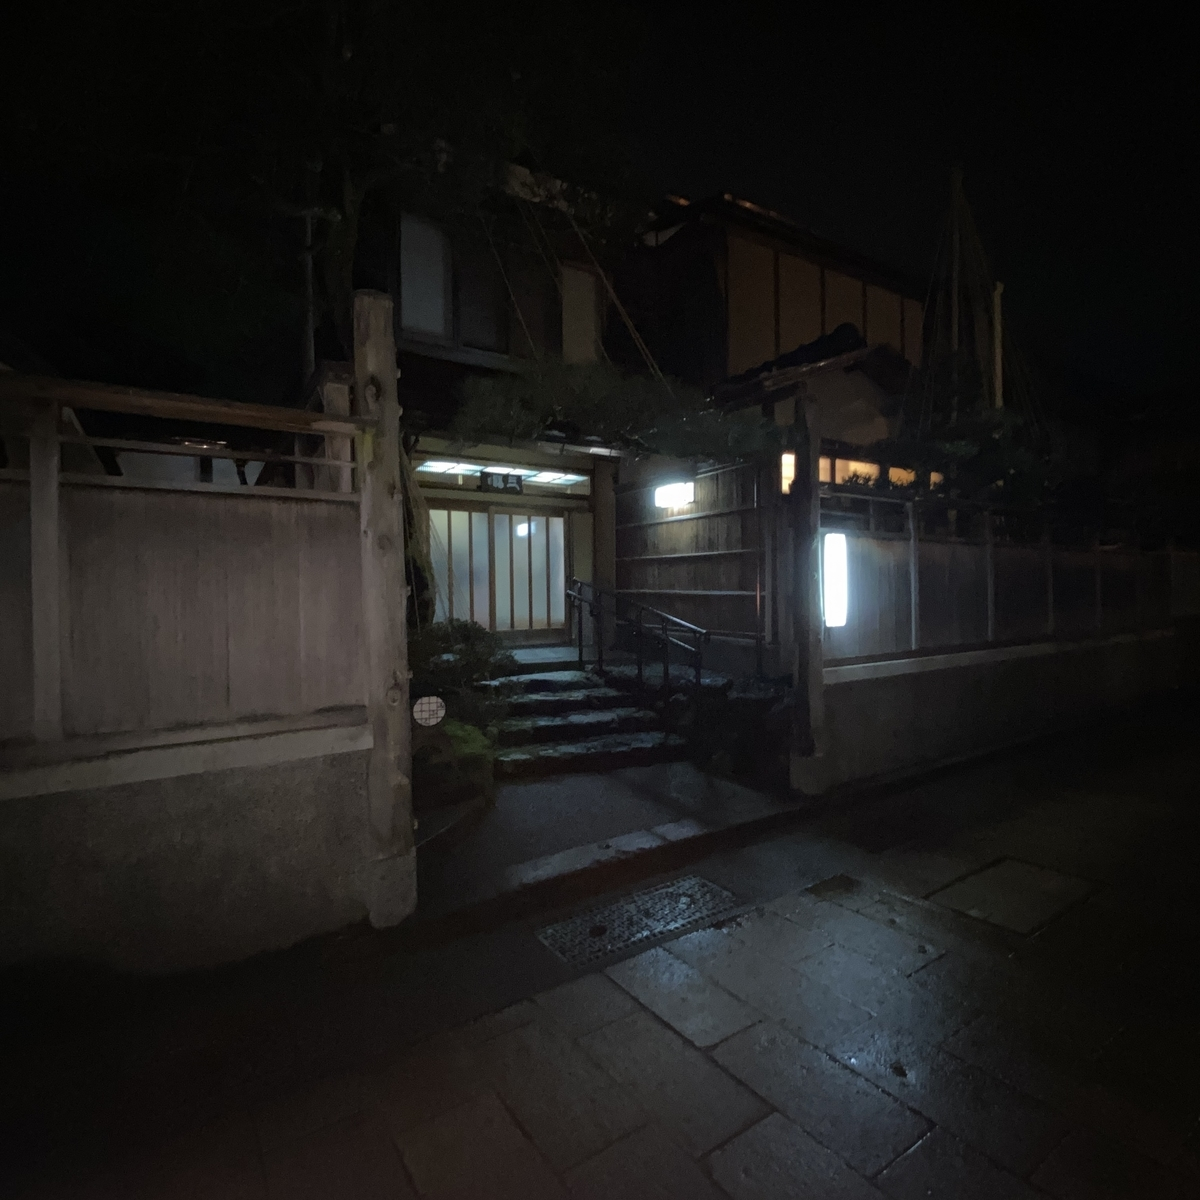 f:id:kanazawabiiki:20200224171727j:plain